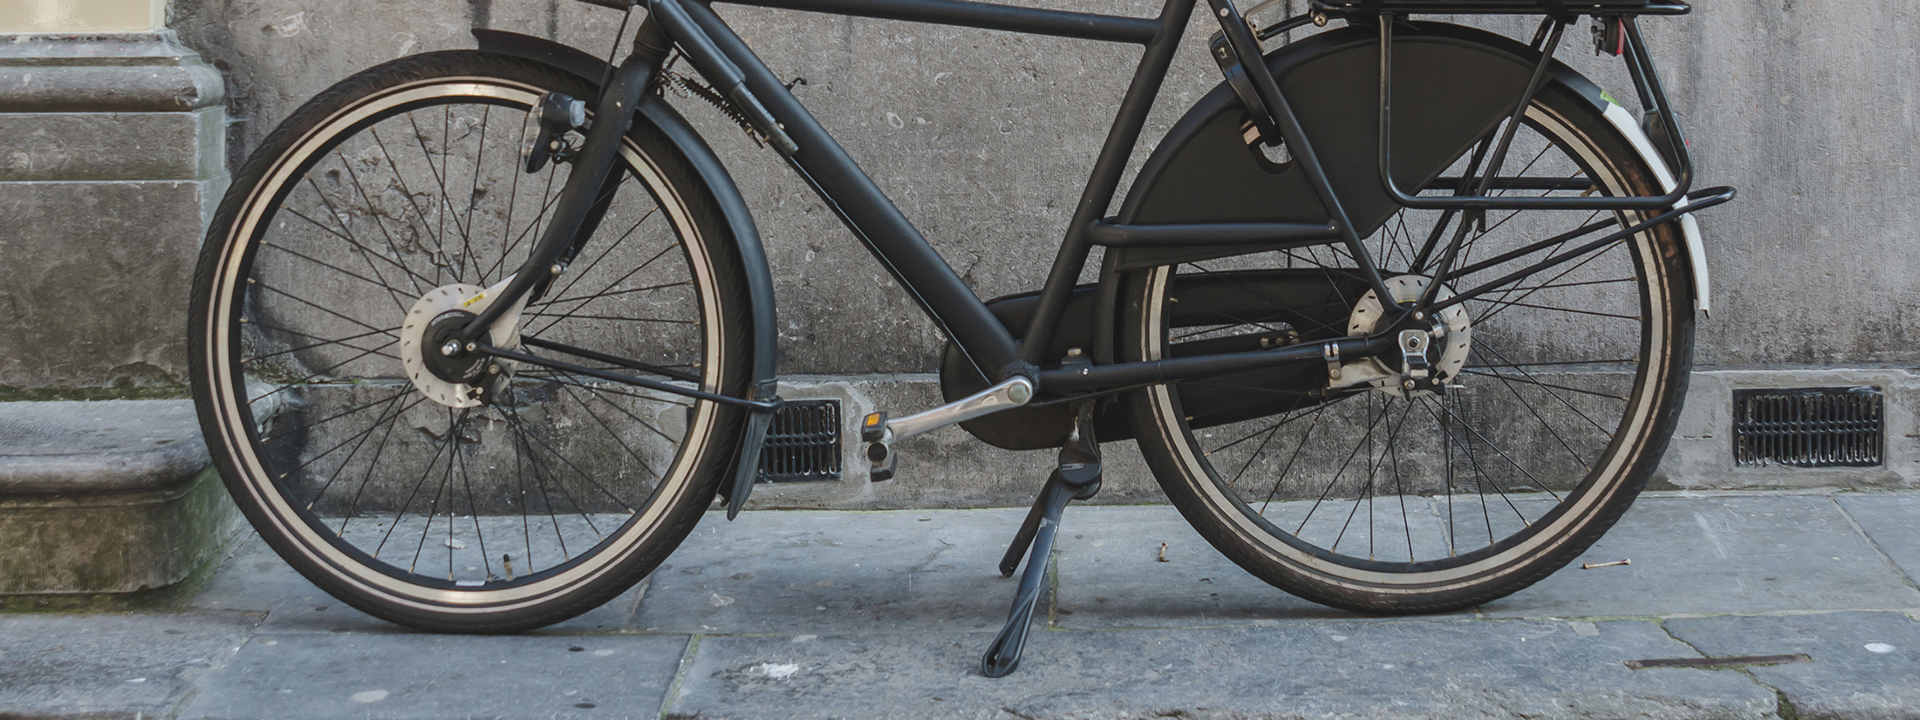 Фото подножки для велосипеда на парковке